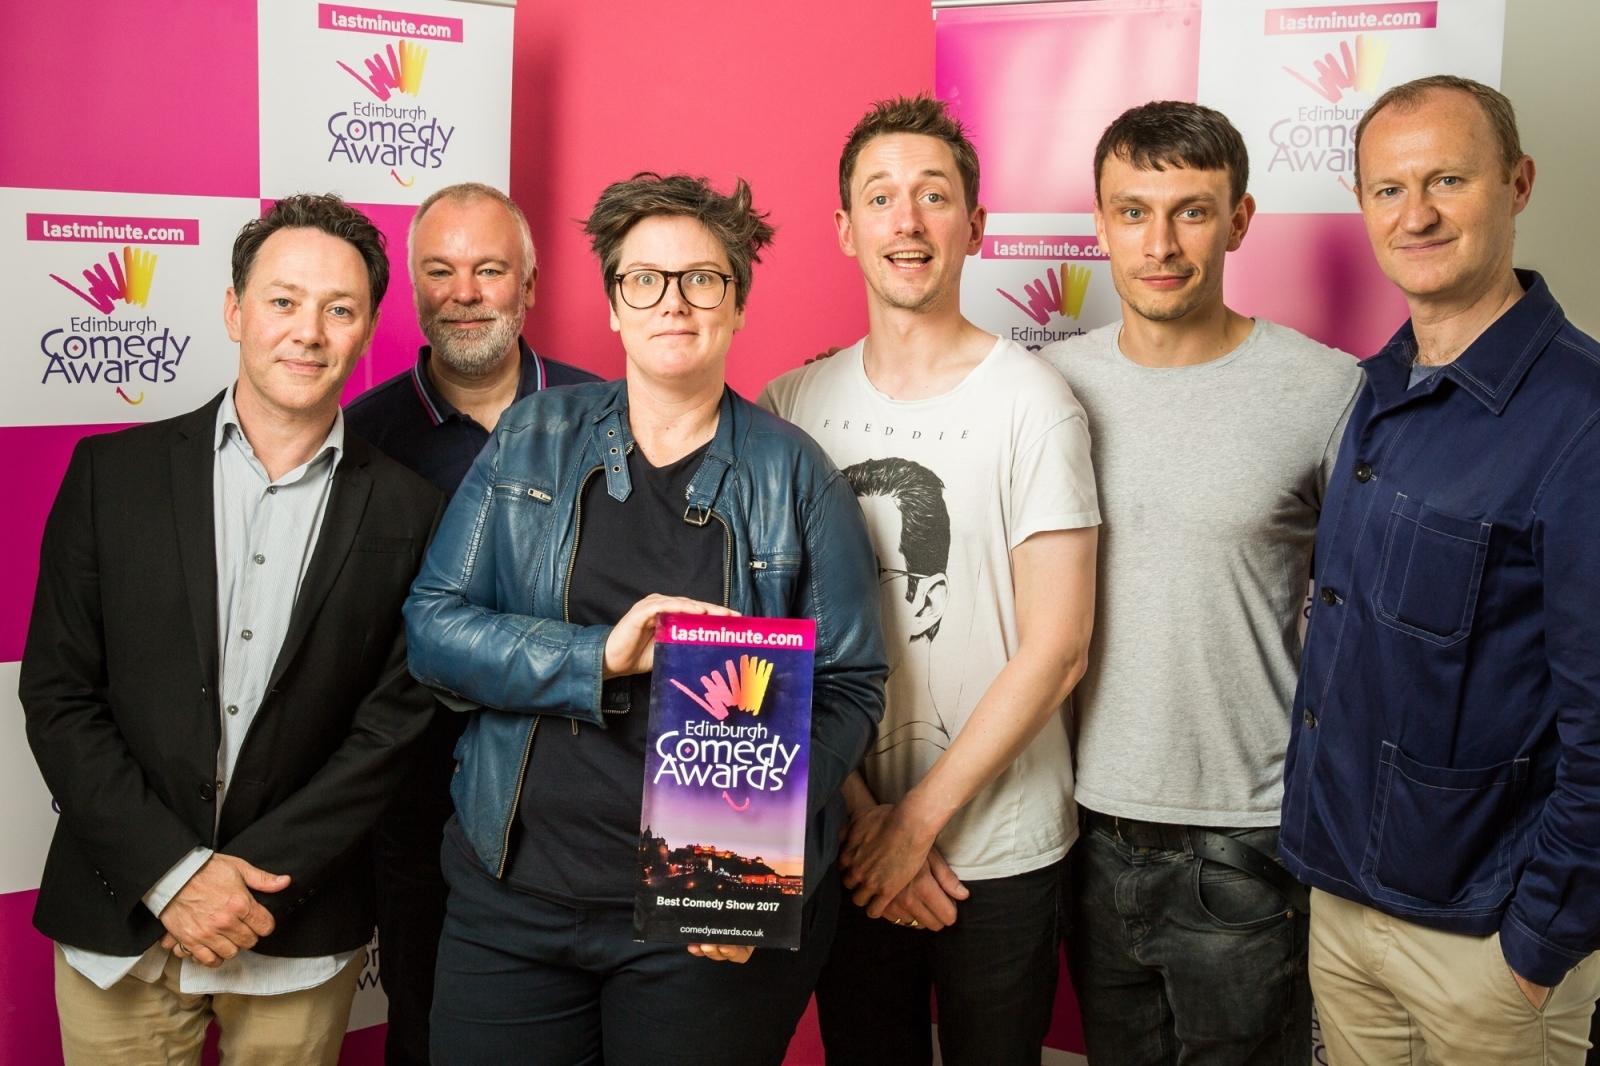 Edinburgh Comedy Award winners